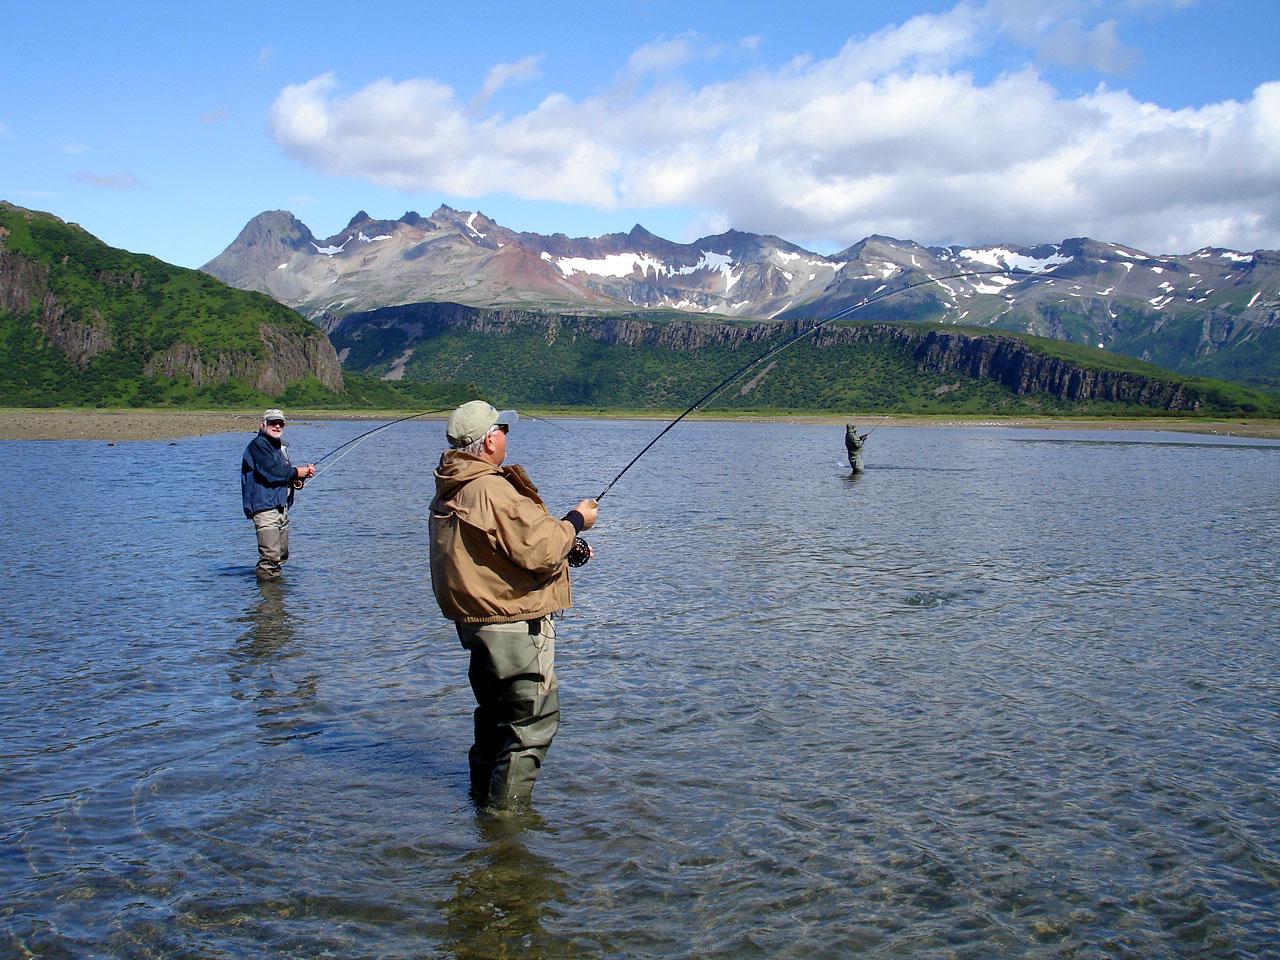 Ribolov na fotkama - Page 5 Alaska-tidal-flat-fishing-31